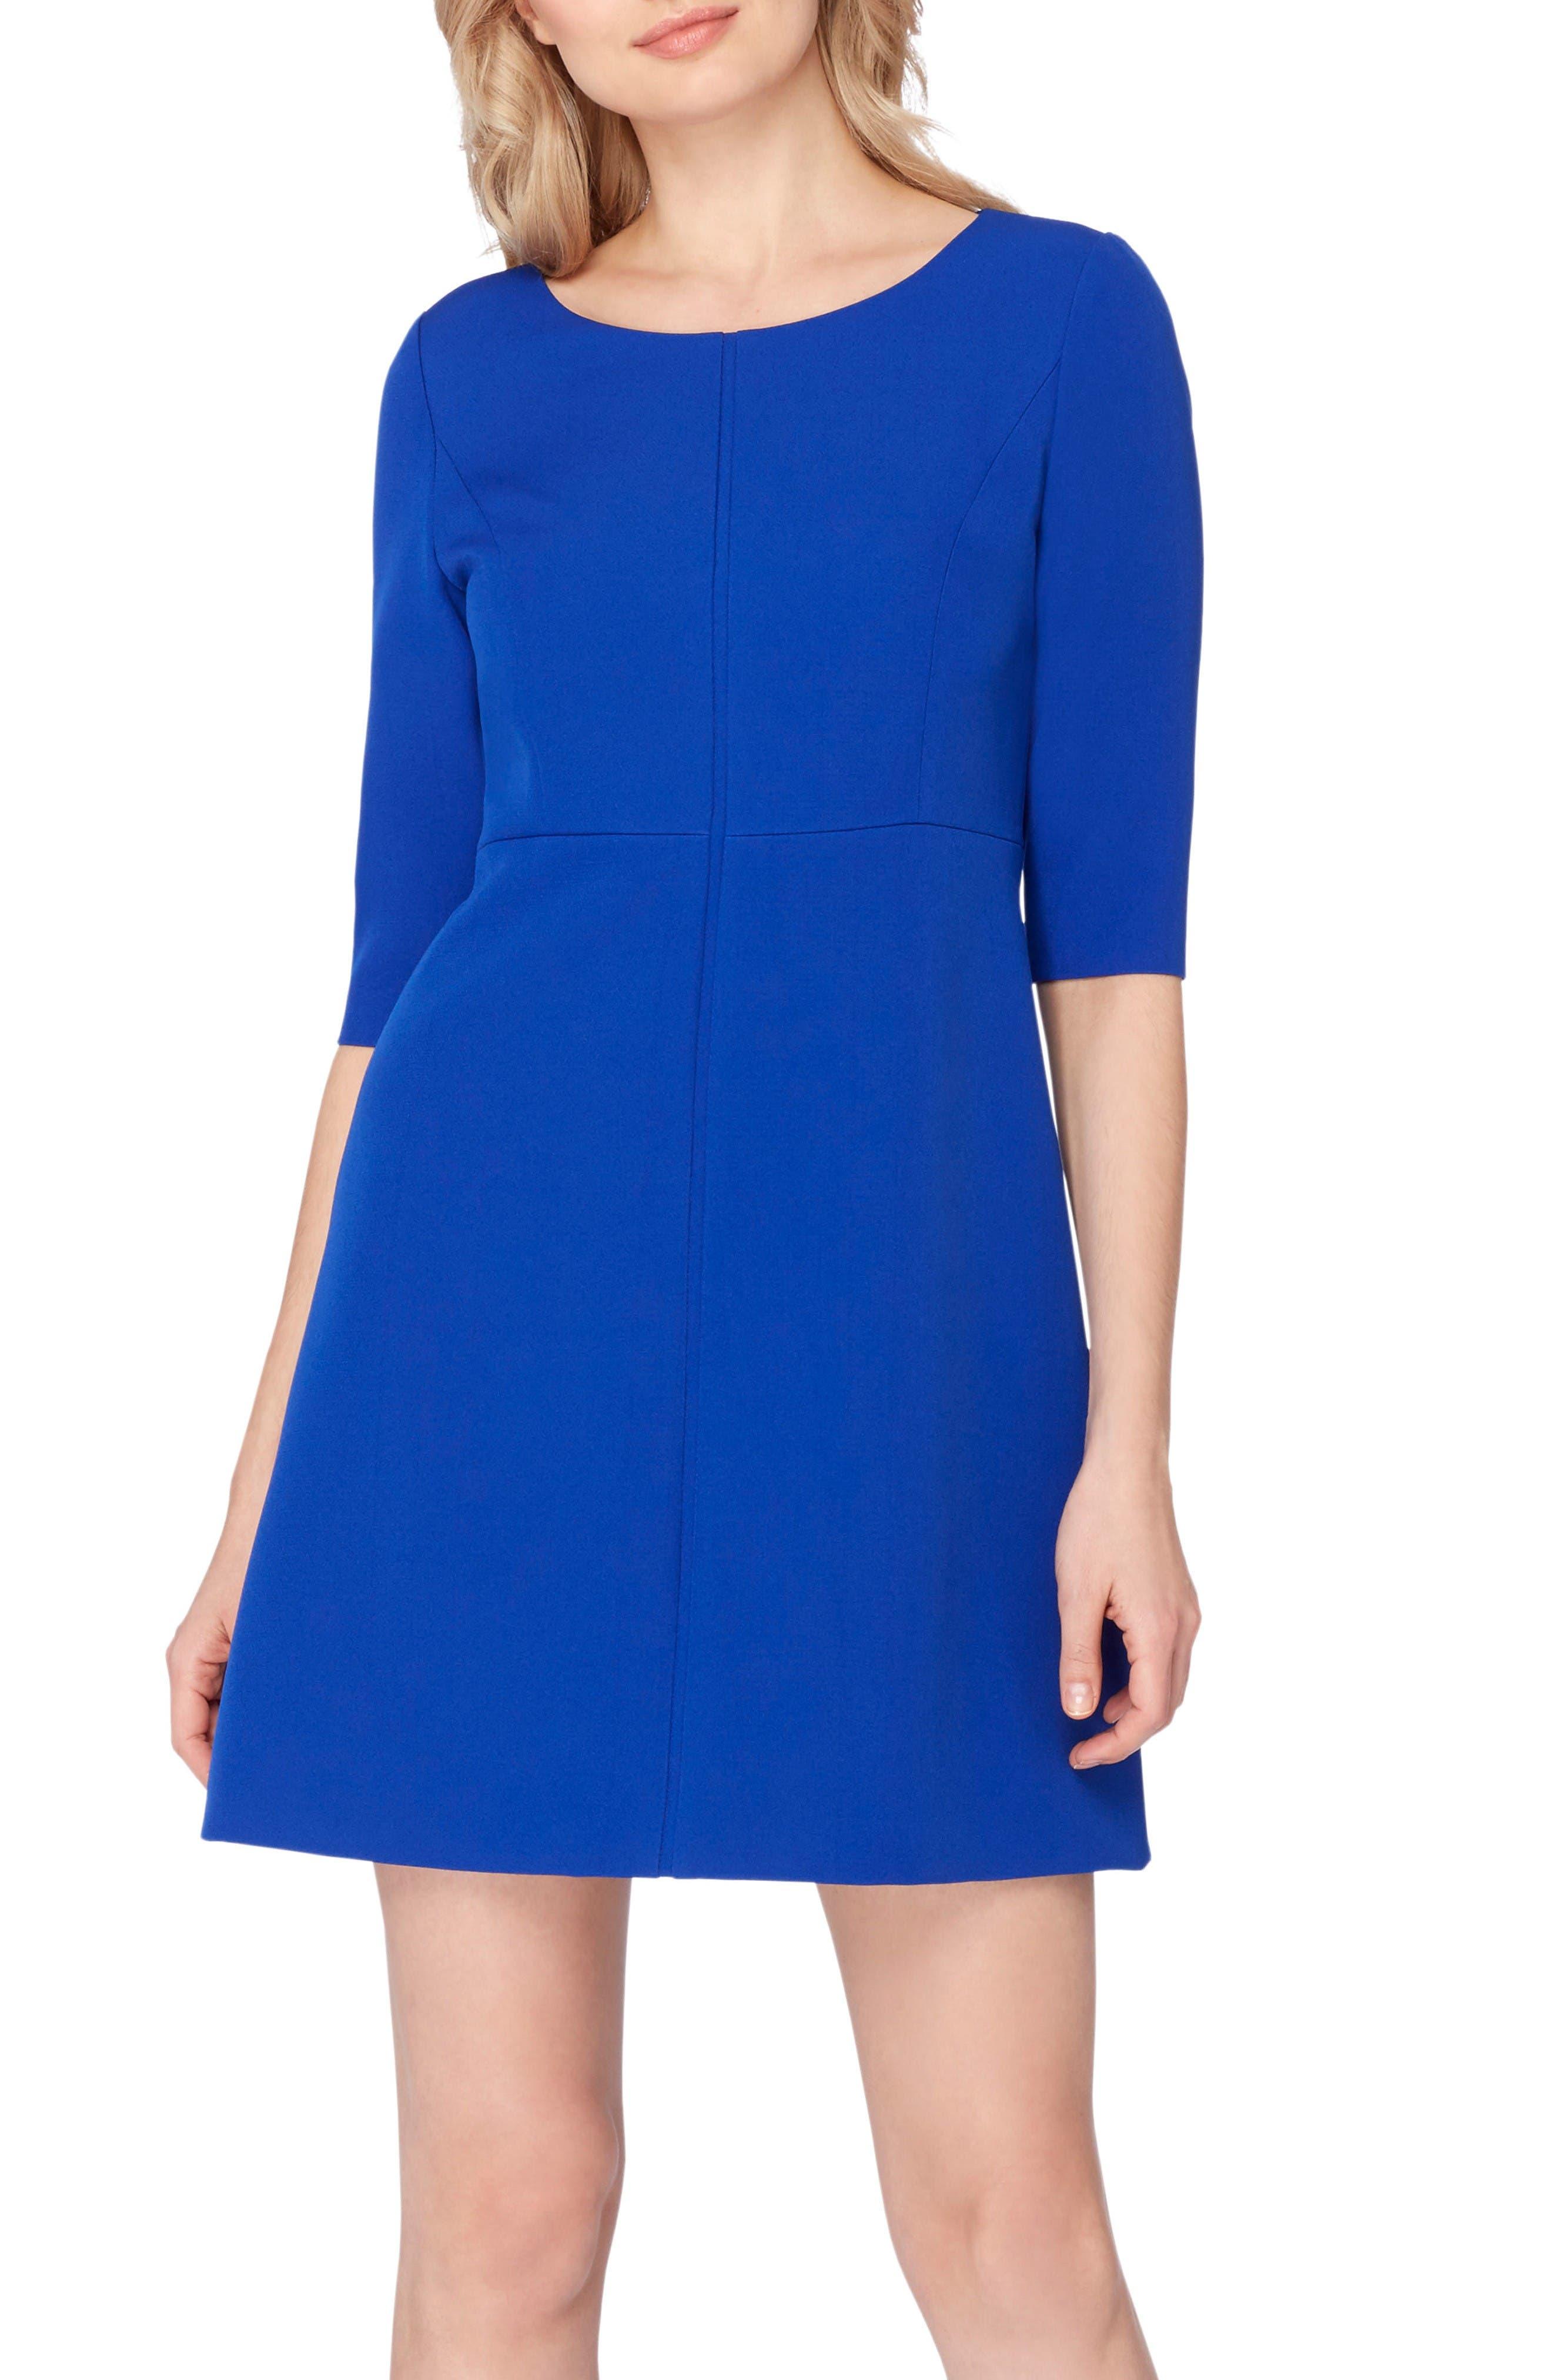 TAHARI A-Line Dress